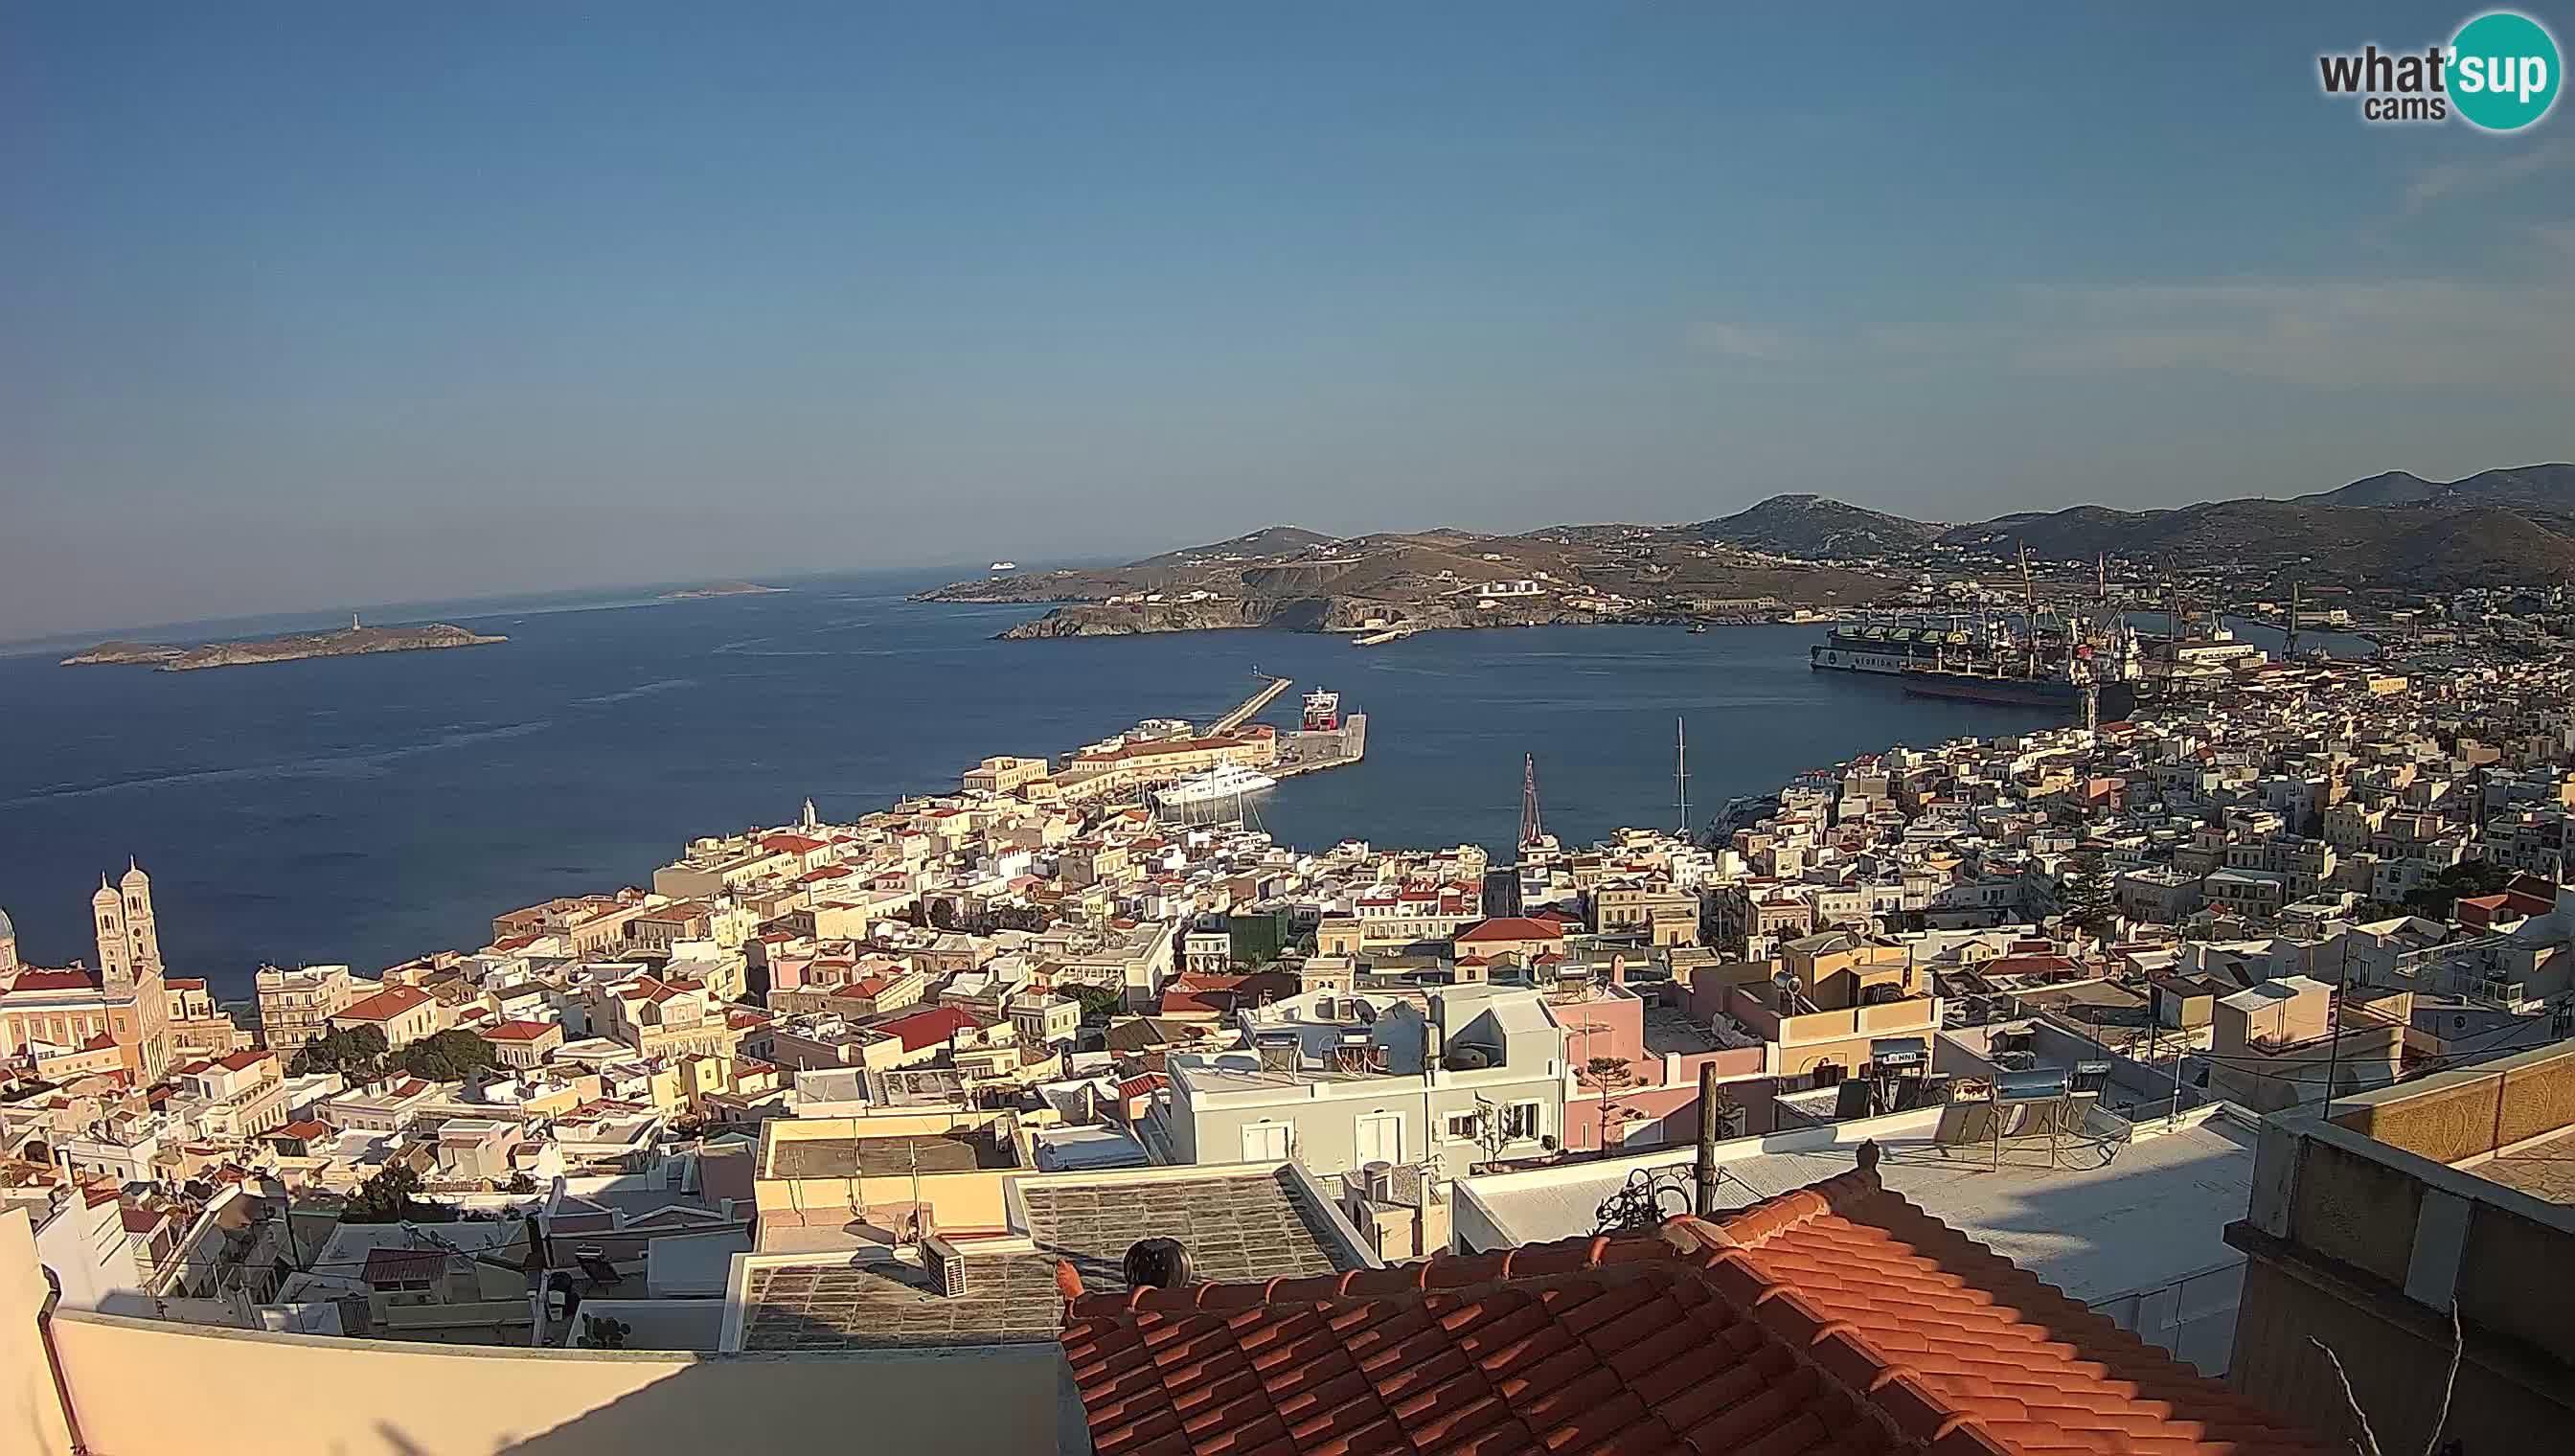 Panorama-Blick auf Ηermoupolis und dem Hafen von Syros